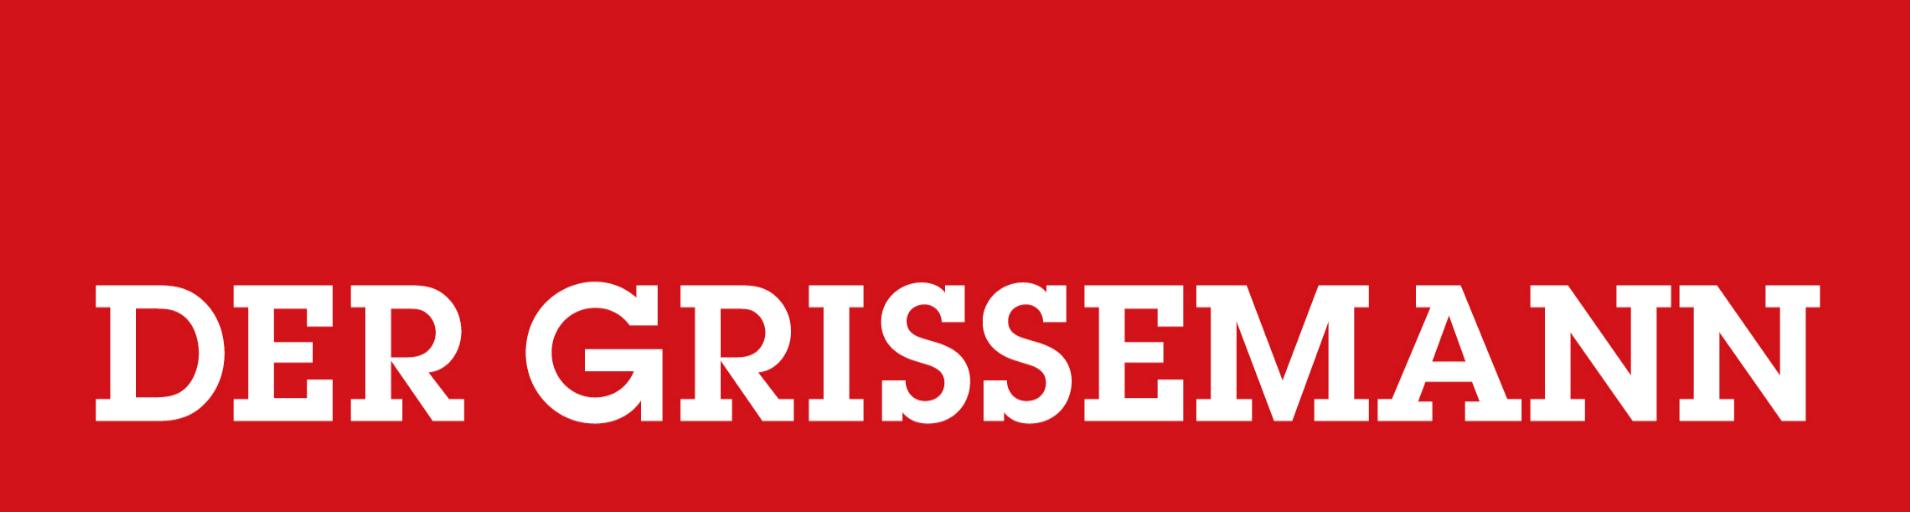 Logo Der Grissemann